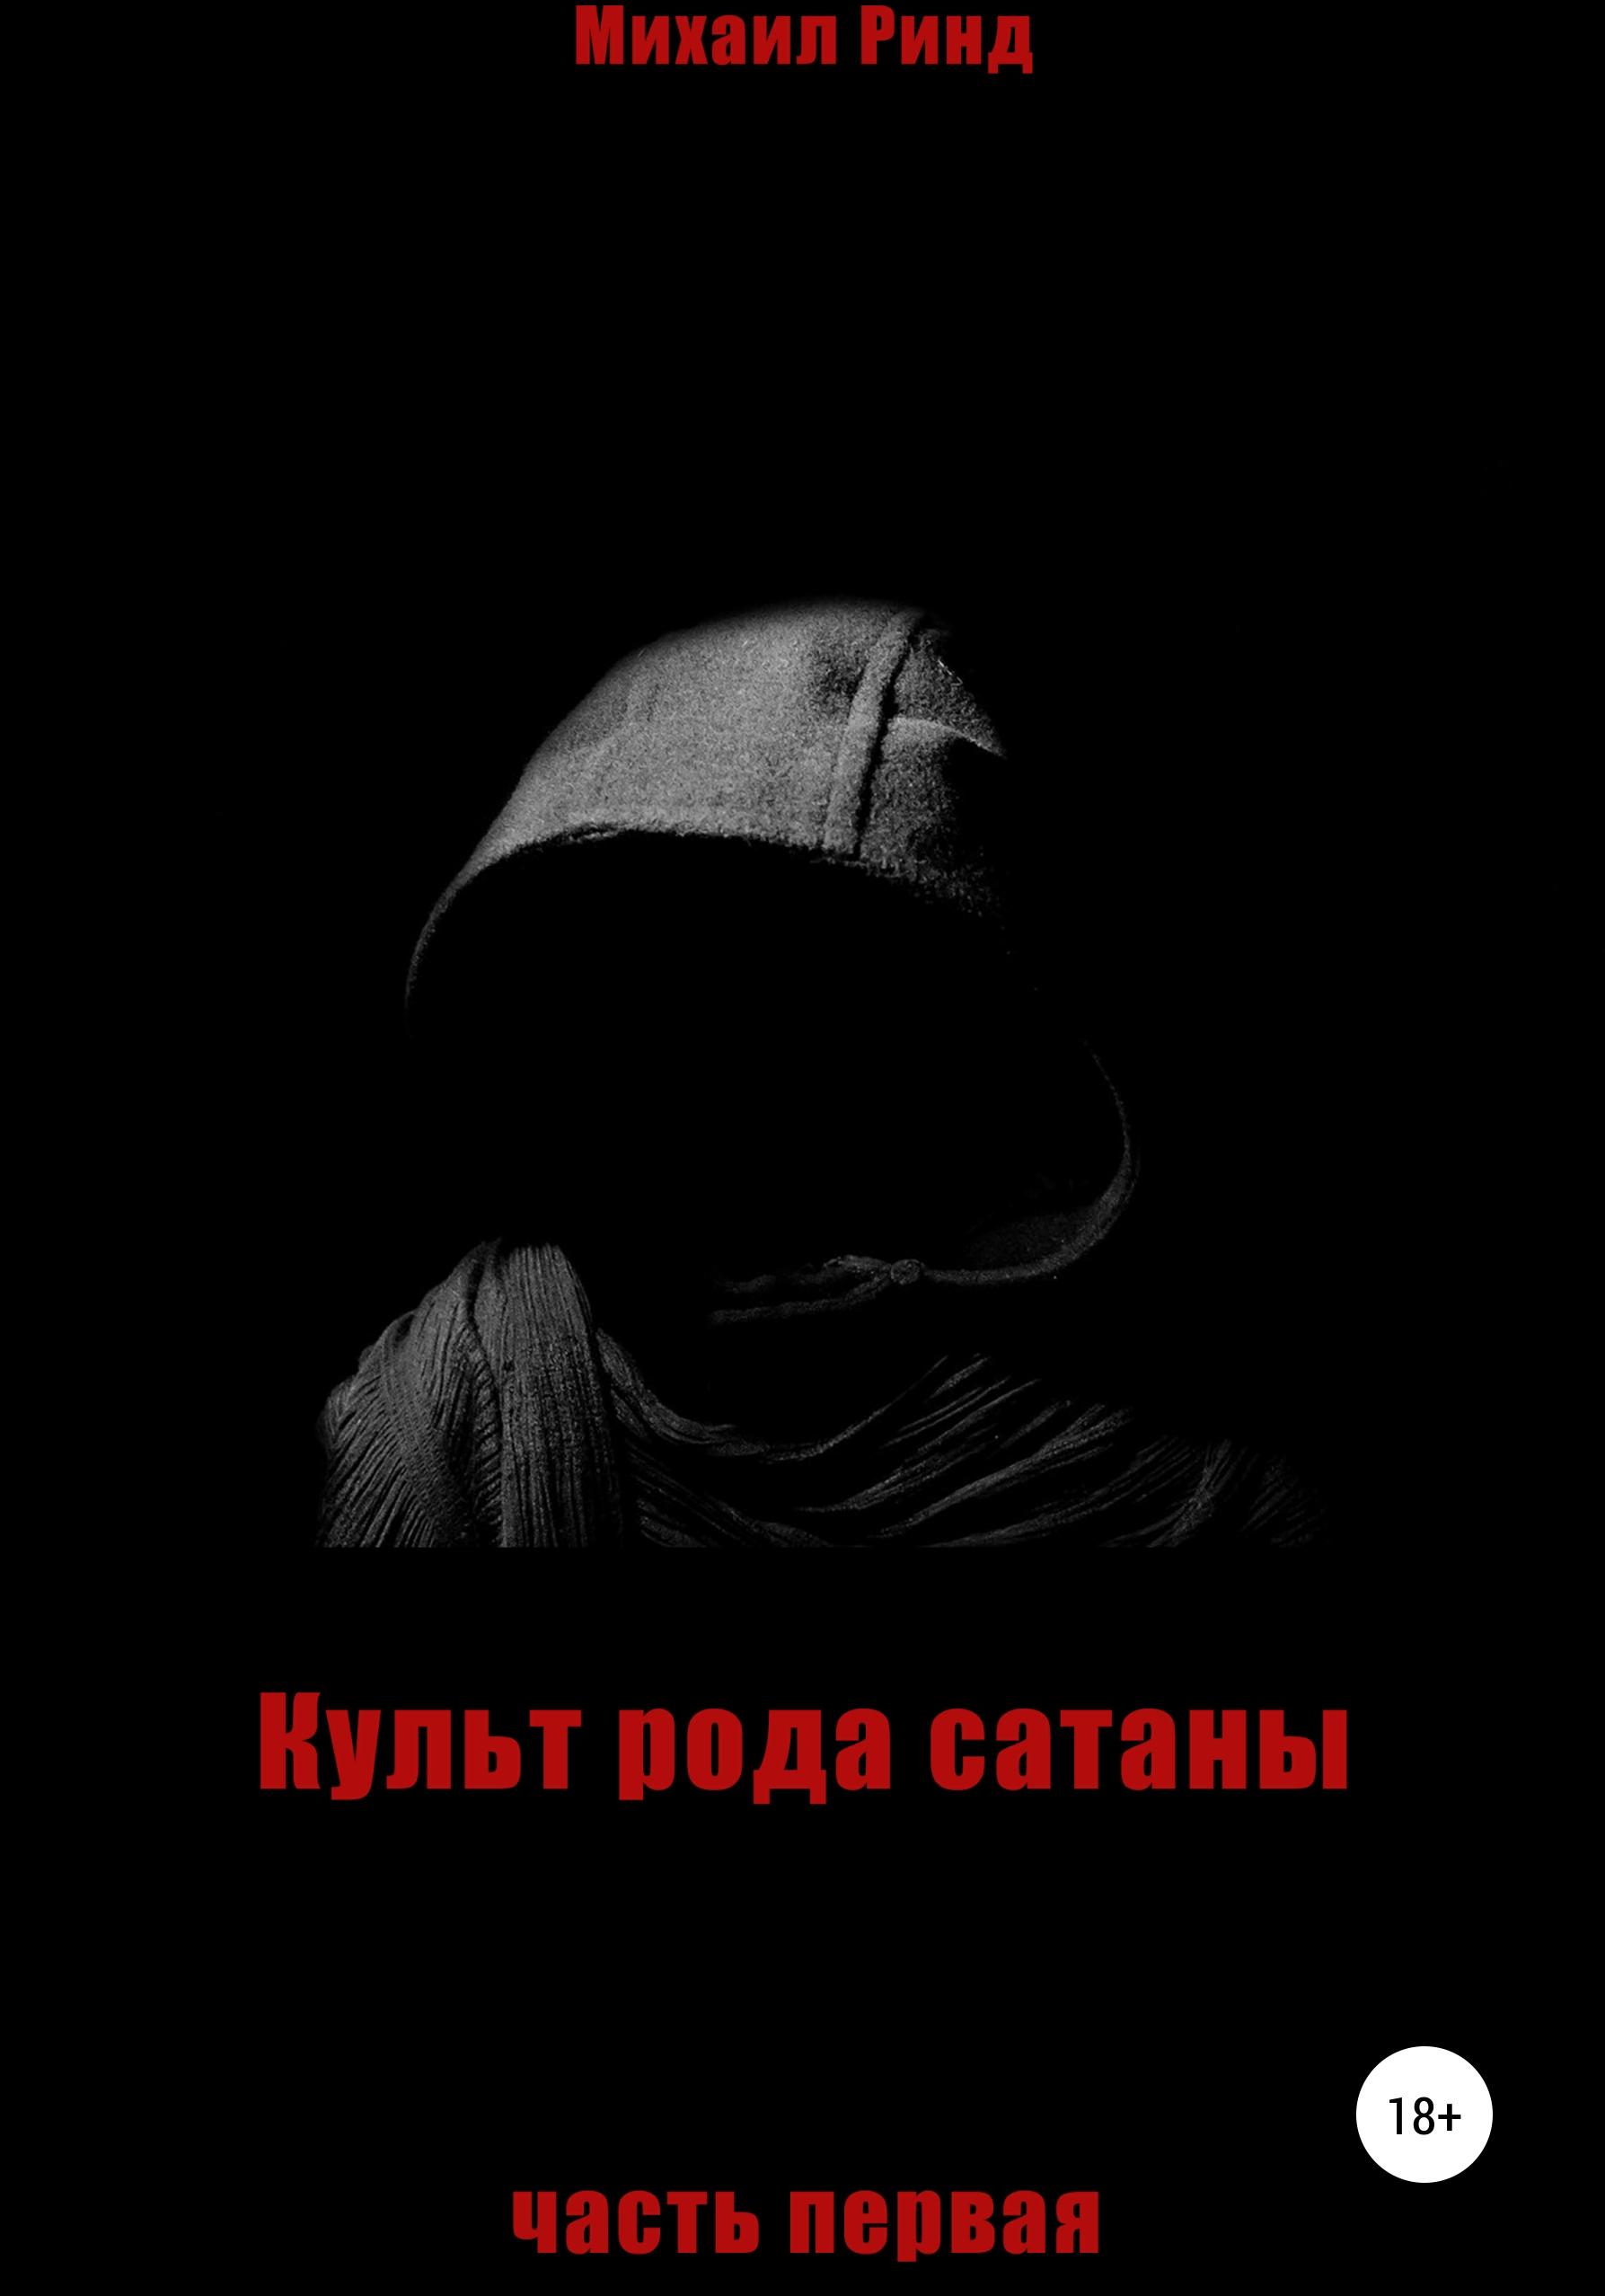 Культ рода сатаны. Часть 1